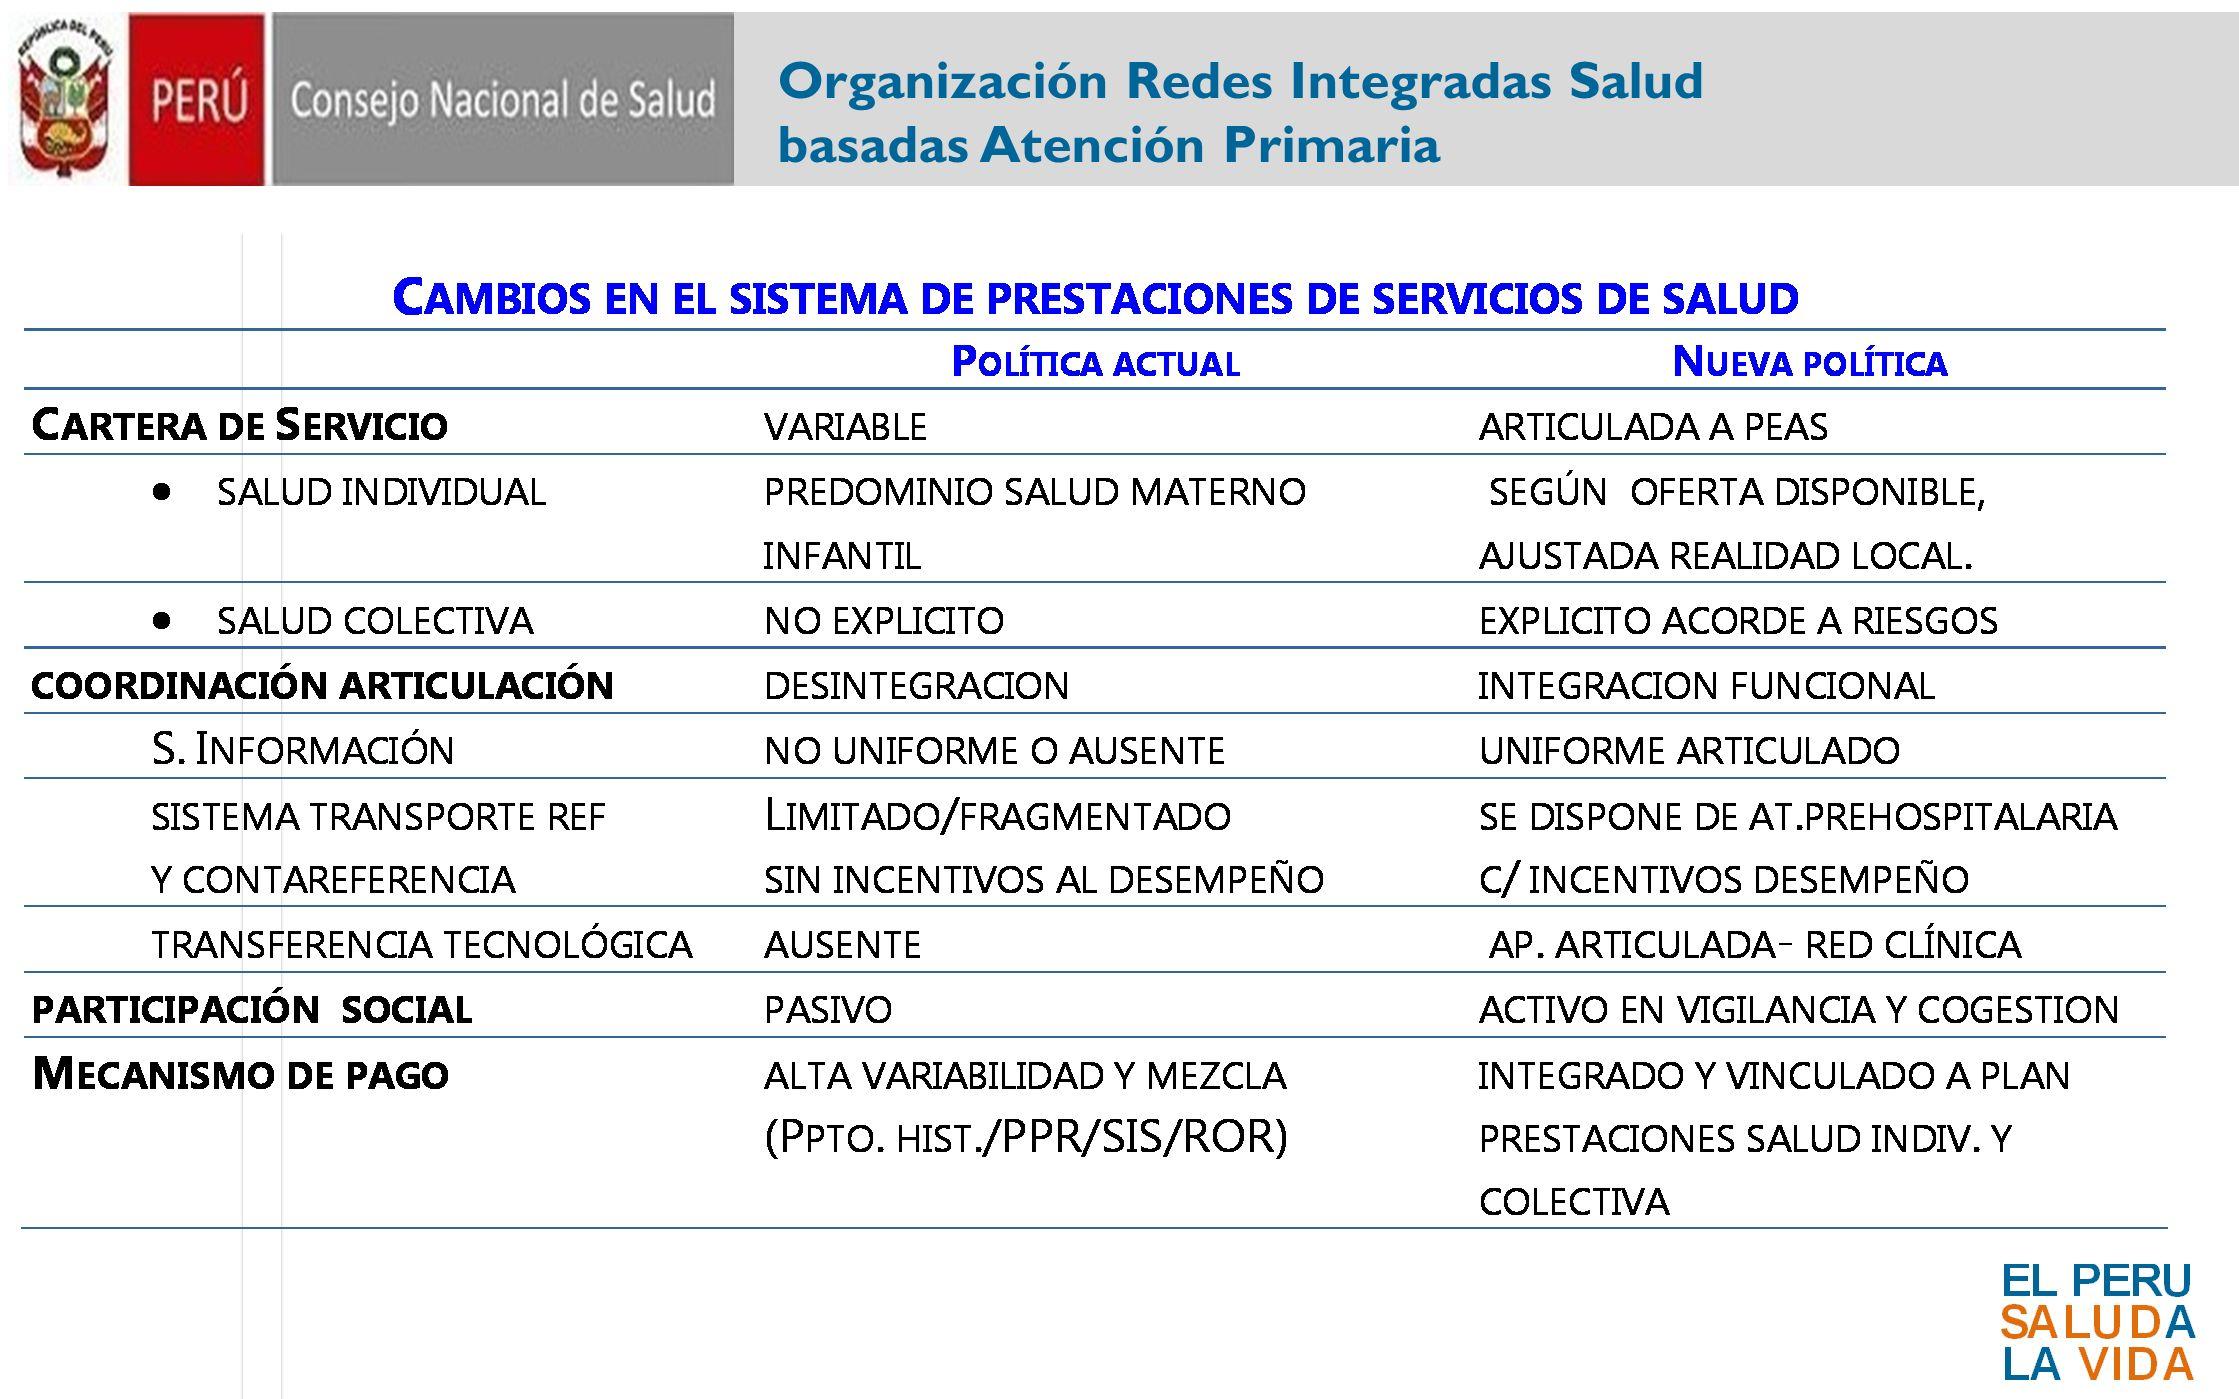 Organización Redes Integradas Salud basadas Atención Primaria